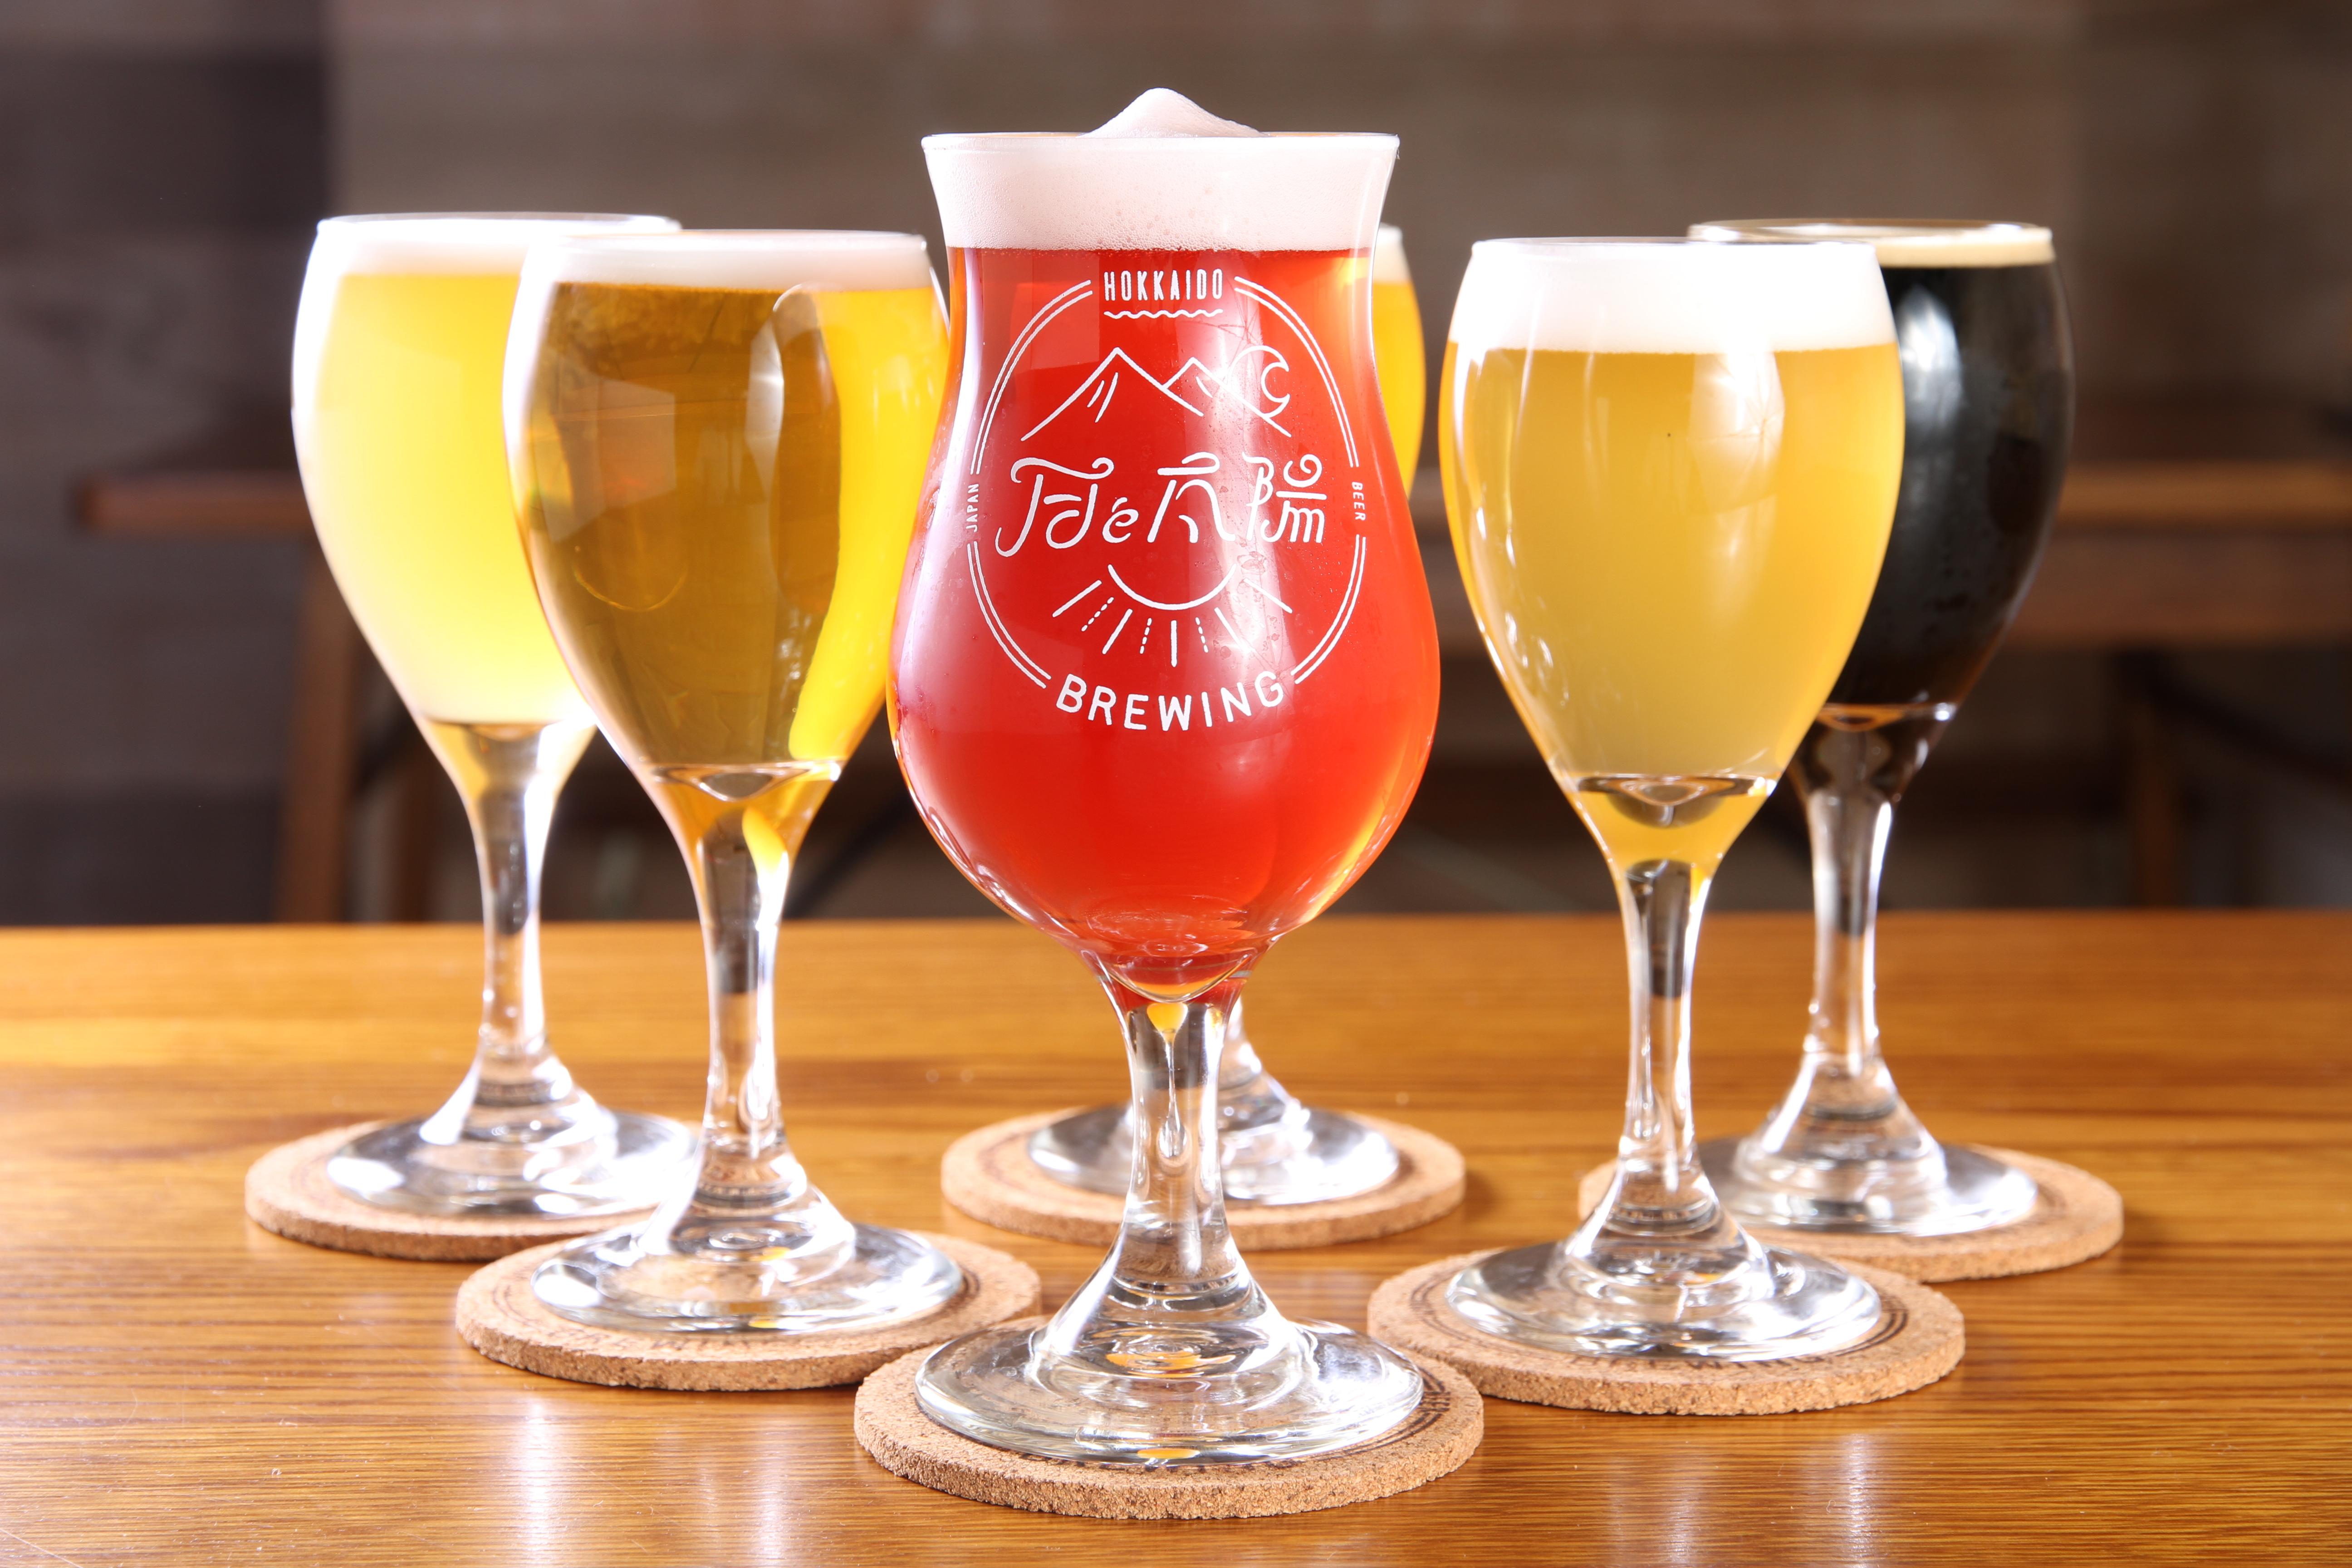 札幌「月と太陽 BREWING」で北海道愛に溢れた自家醸造クラフトビールを